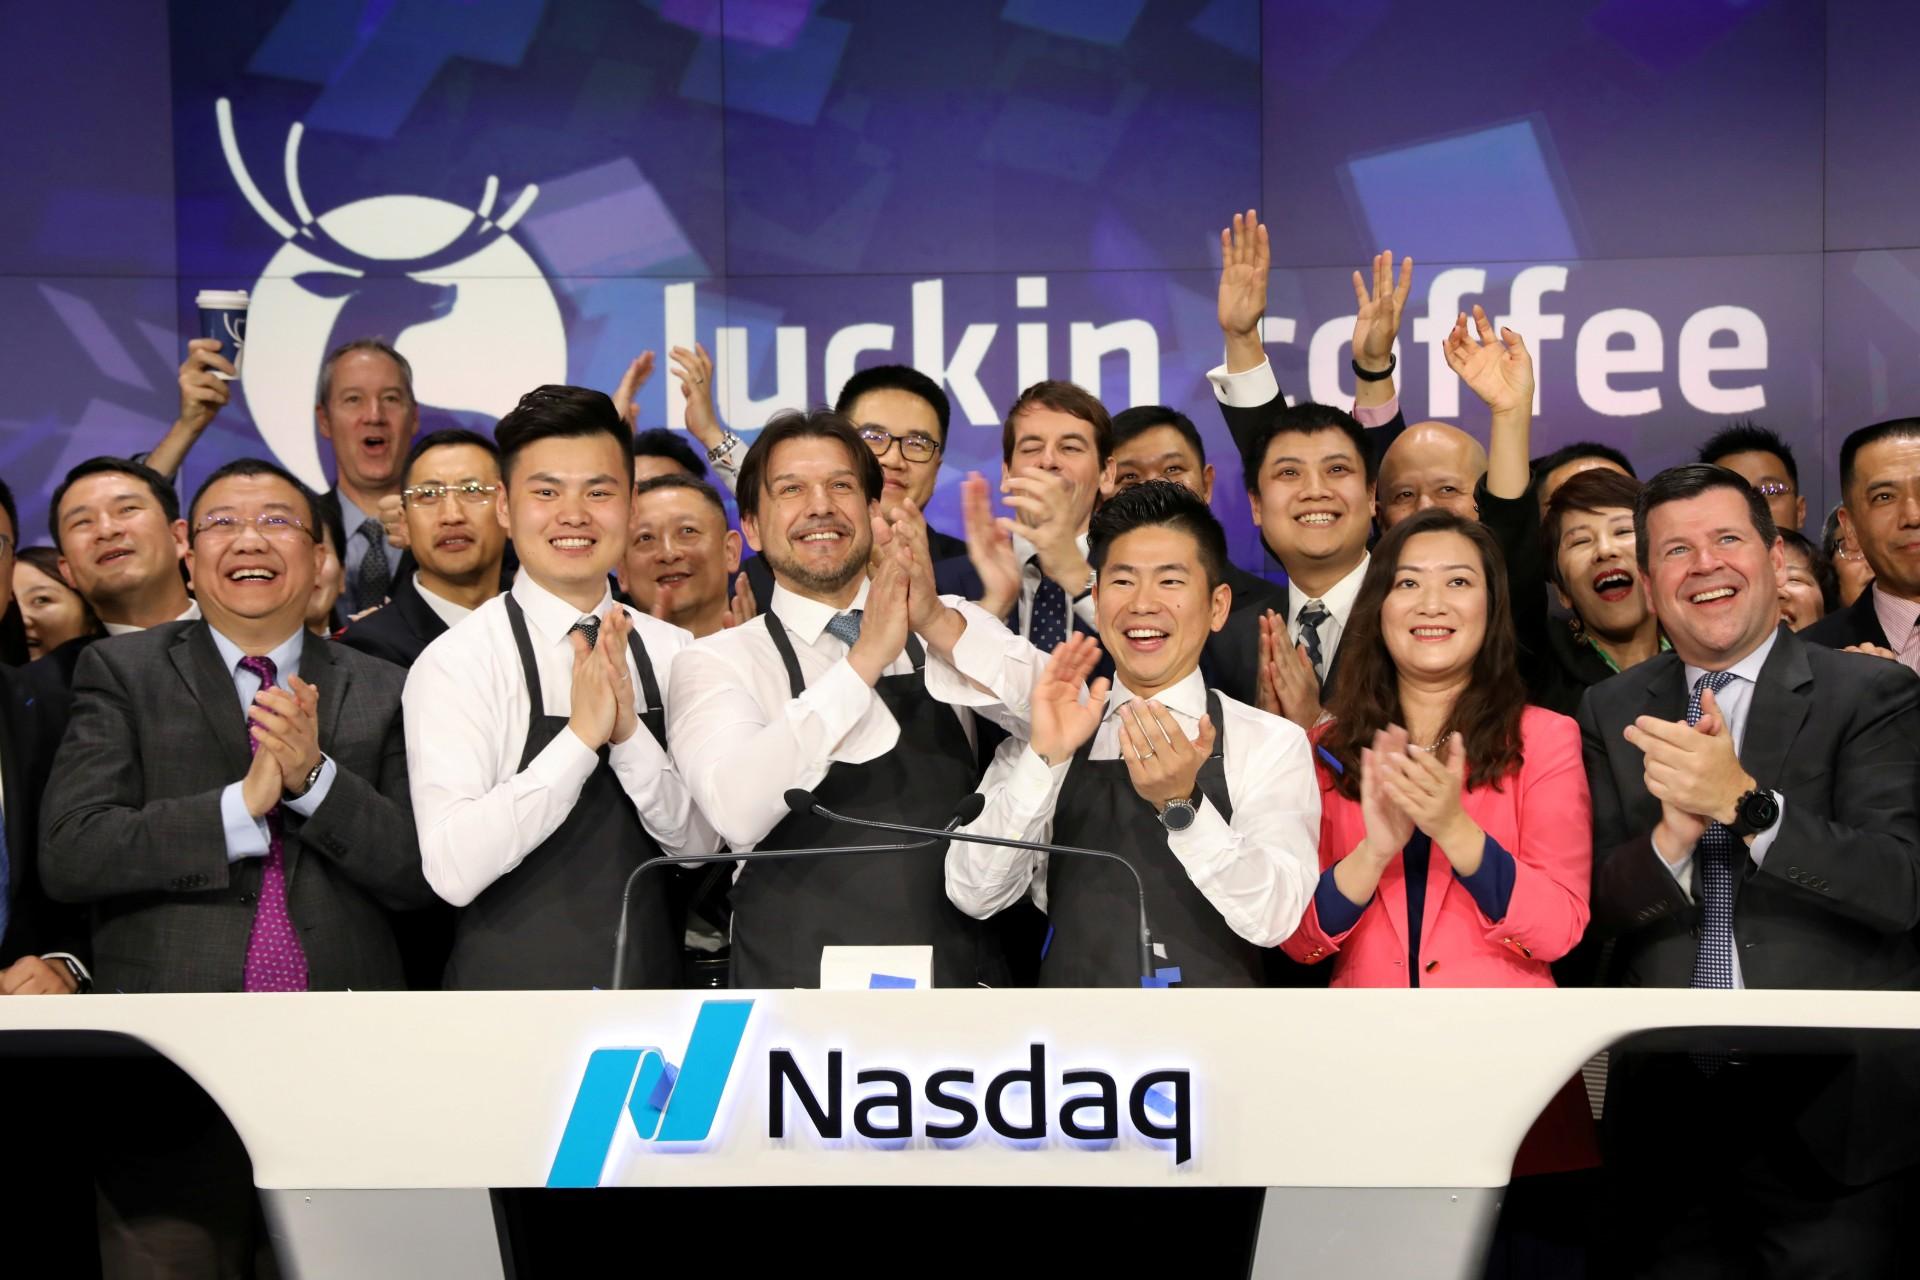 LUCKIN-COFFEE-INVESTIGATION-NASDAQ